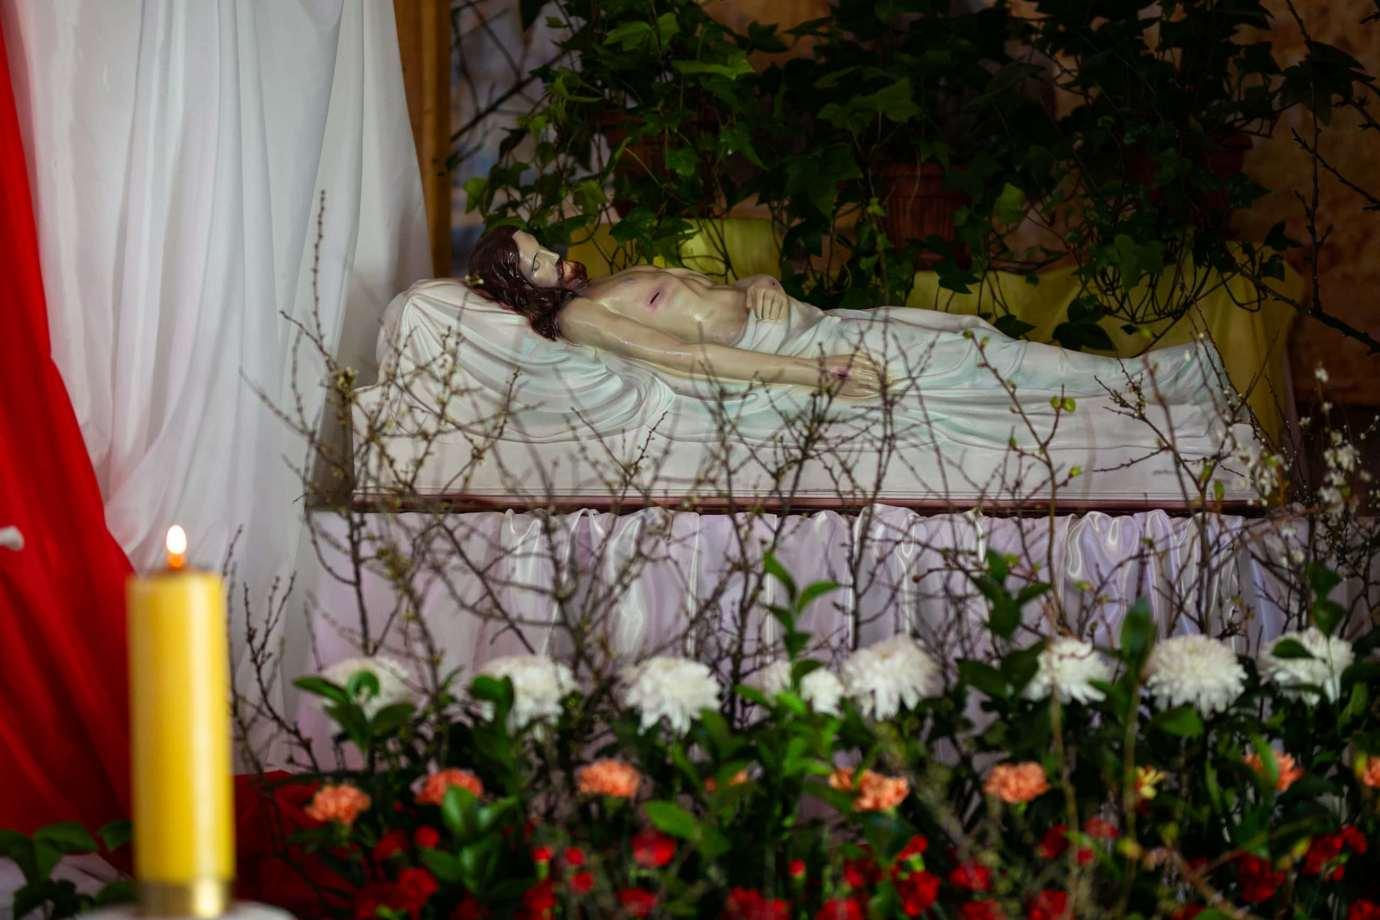 parafia pw milosierdzia bozego w zamosciu 6a Zdjęcia grobów pańskich w zamojskich świątyniach